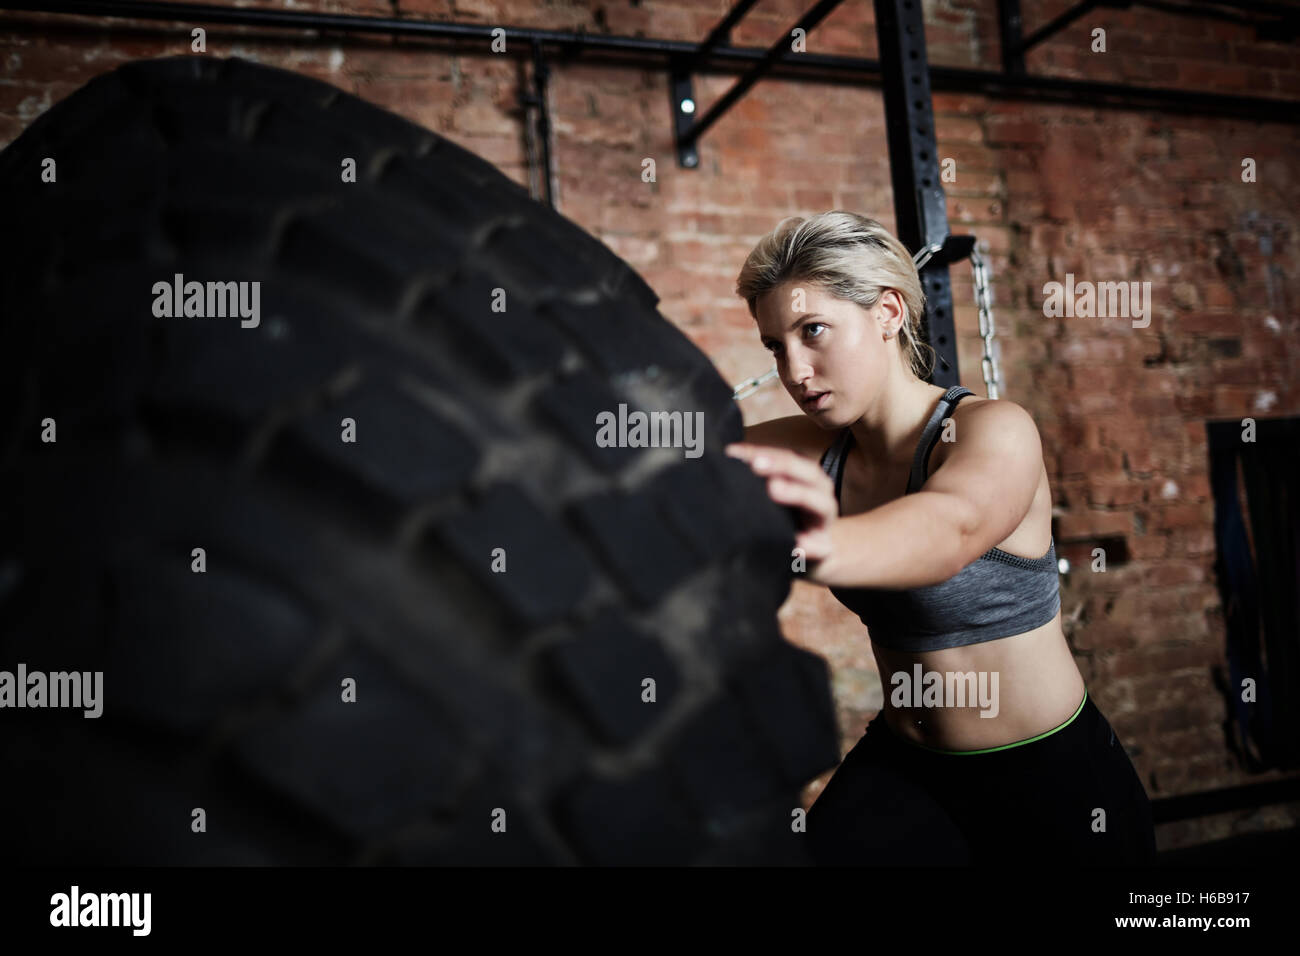 Übung mit Reifen Stockfoto